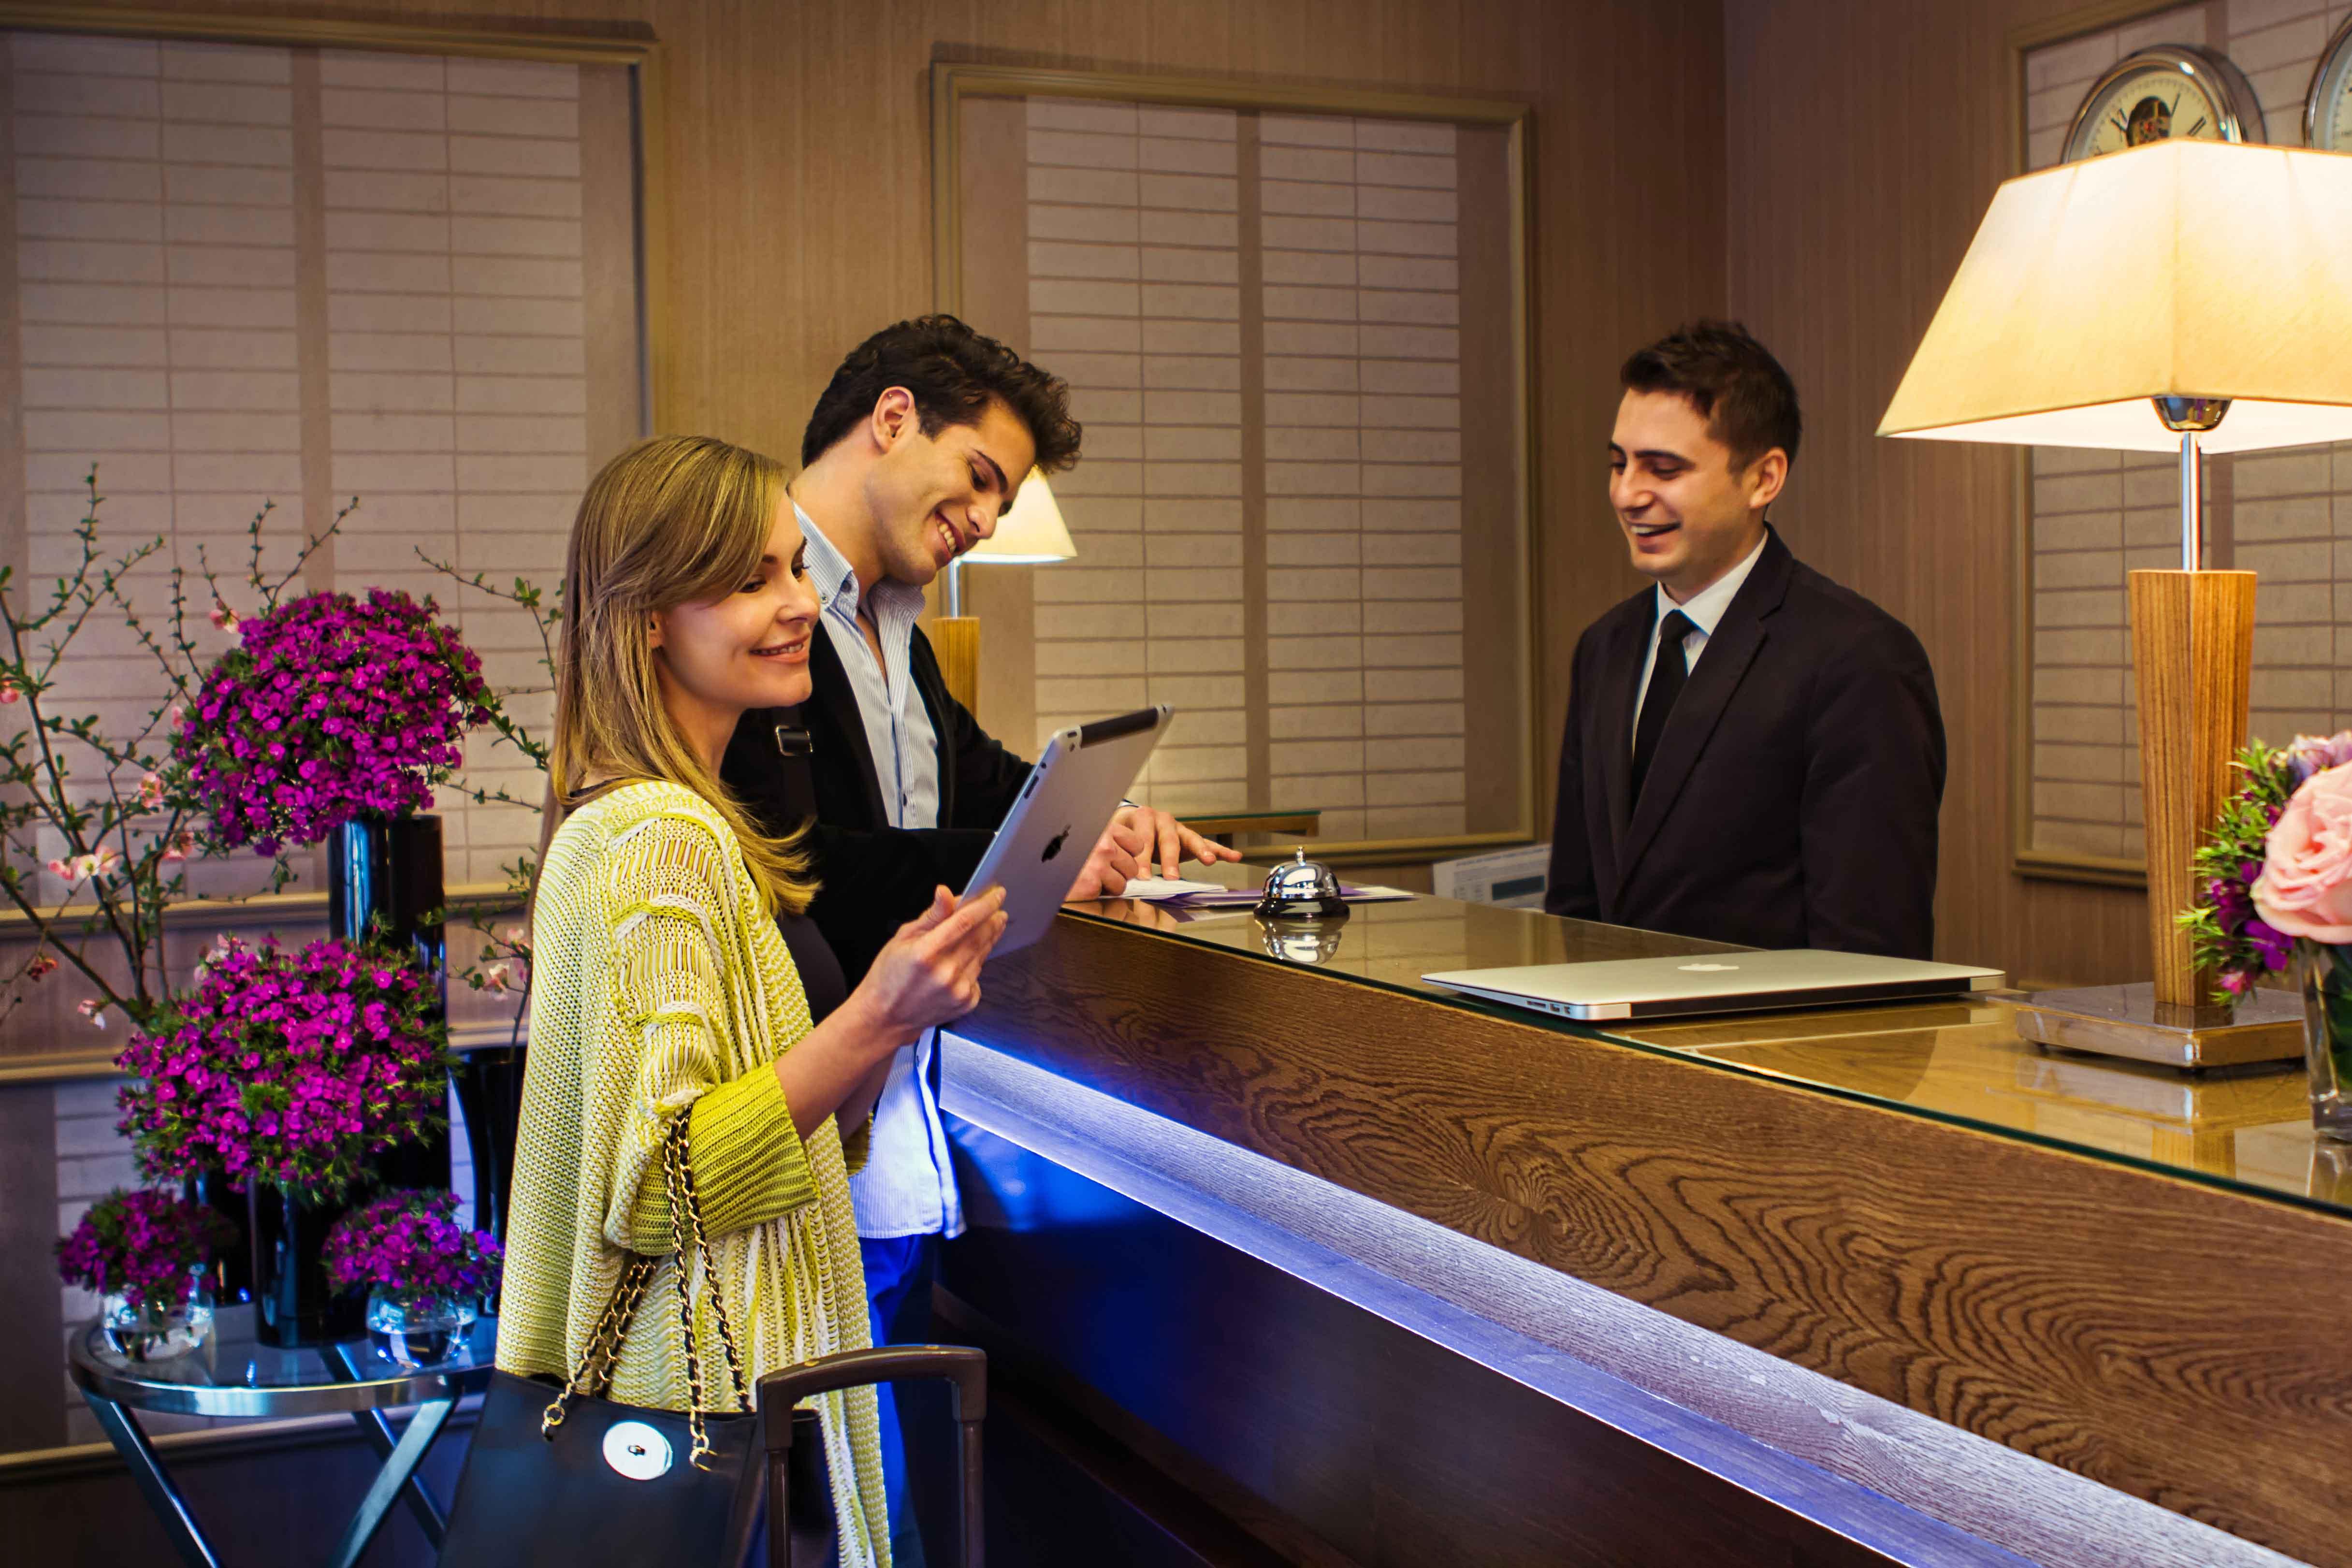 Право на частную жизнь: отелям не разрешили отказывать клиентам, которых заподозрили в аморальности